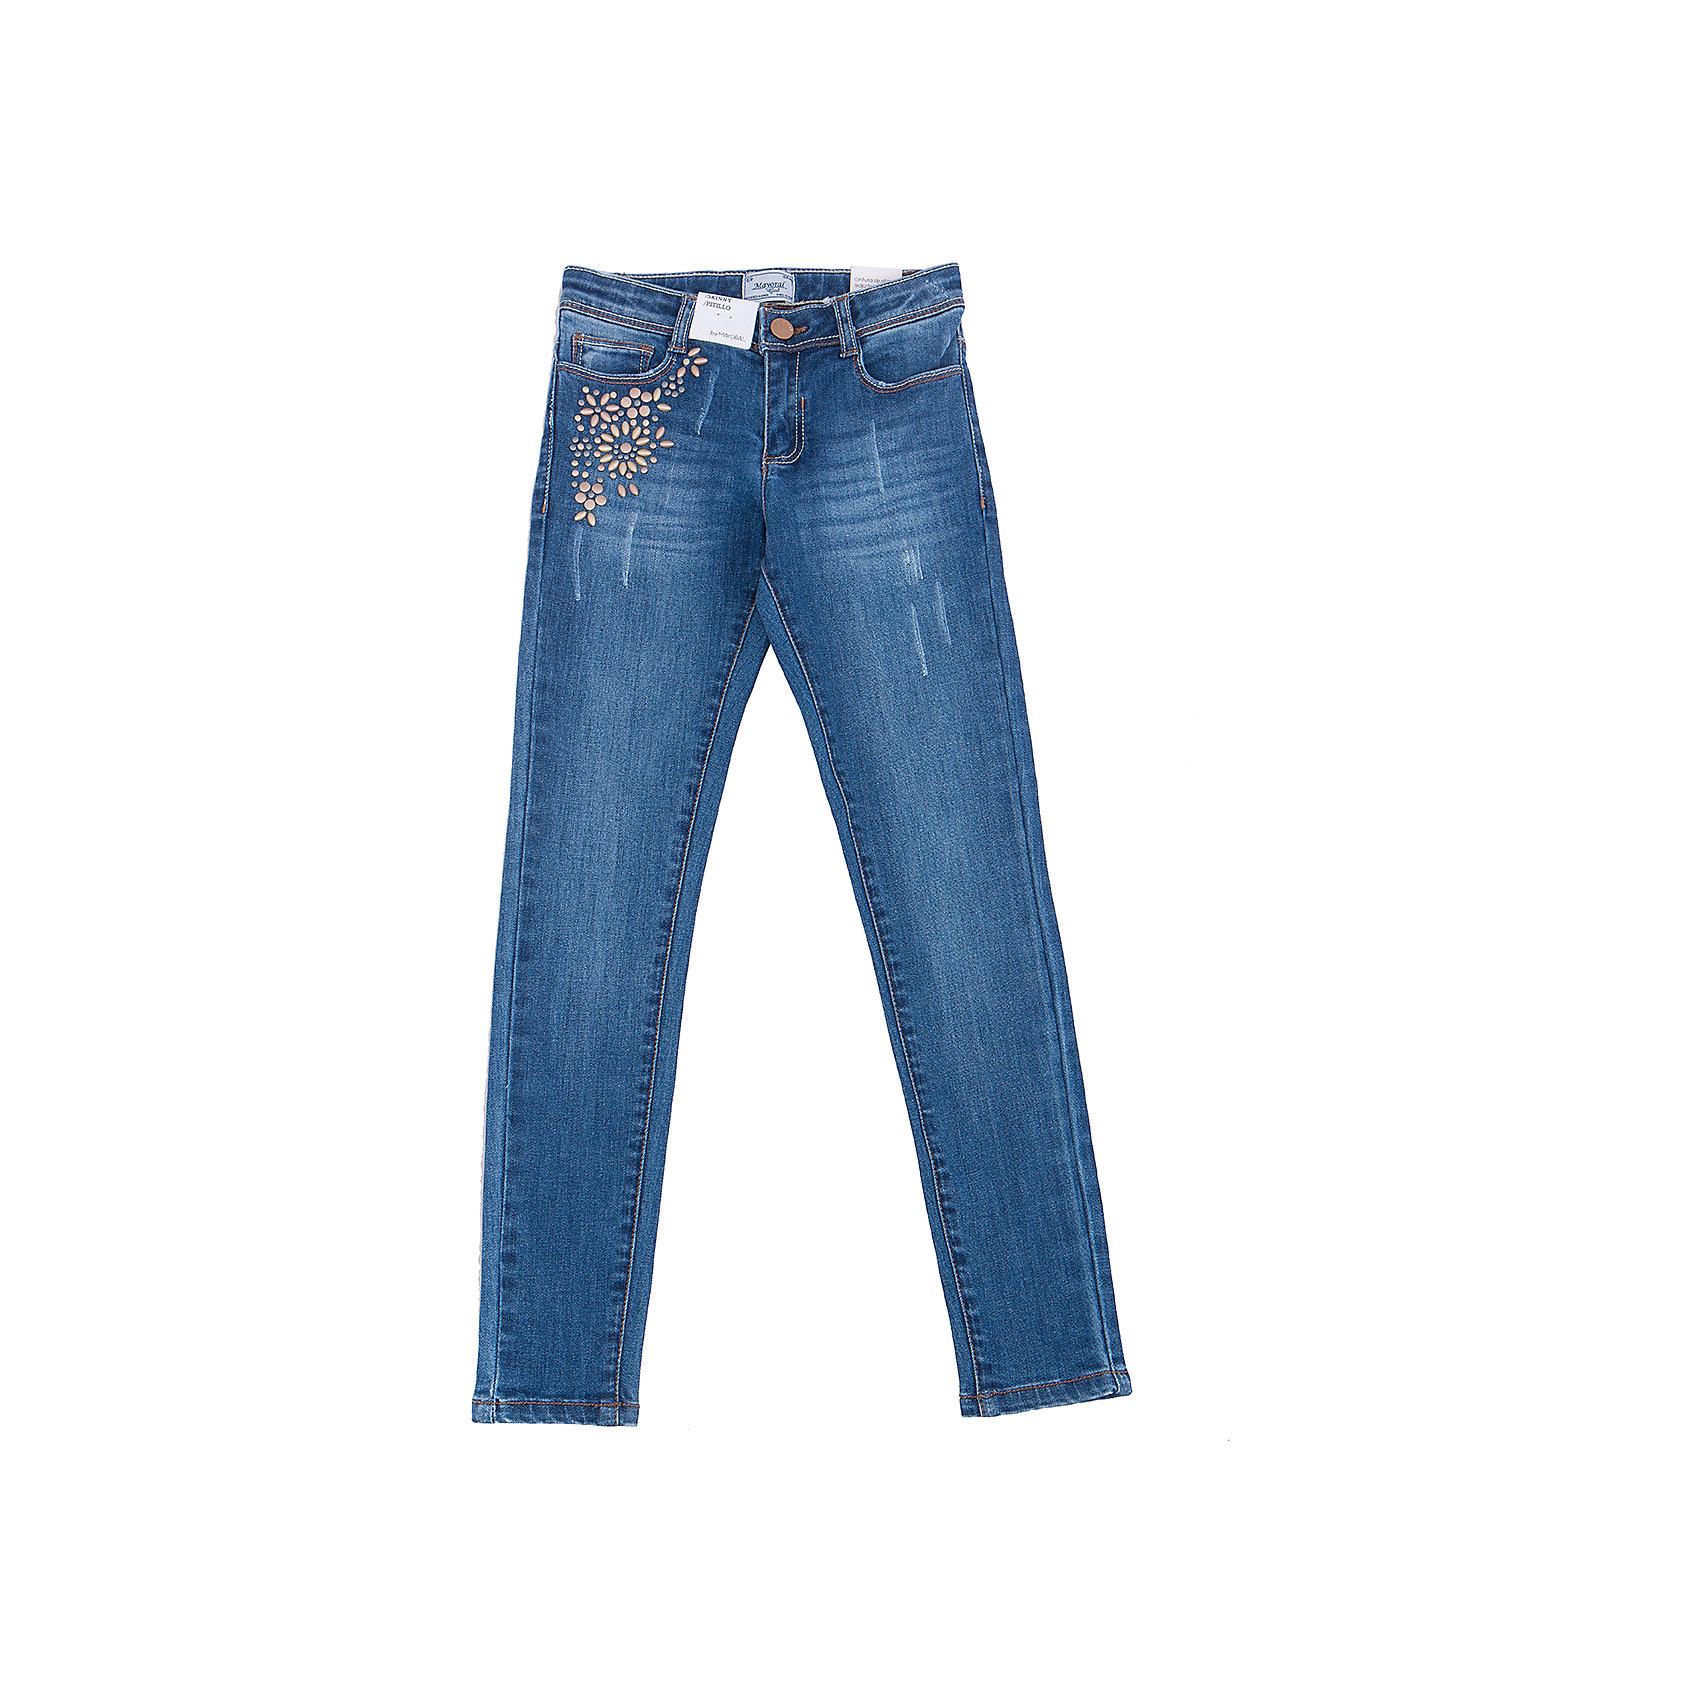 Джинсы для девочки MayoralДжинсовый бум<br>Характеристики товара:<br><br>• цвет: синий<br>• состав: 92% хлопок, 6% полиэстер, 2% эластан<br>• классический силуэт<br>• карманы<br>• пояс с регулировкой объема<br>• шлевки<br>• страна бренда: Испания<br><br>Стильные джинсы для девочки смогут разнообразить гардероб ребенка и украсить наряд. Они отлично сочетаются с майками, футболками, блузками. Красивый оттенок позволяет подобрать к вещи верх разных расцветок. Интересный крой модели делает её нарядной и оригинальной. В составе материала - натуральный хлопок, гипоаллергенный, приятный на ощупь, дышащий.<br><br>Одежда, обувь и аксессуары от испанского бренда Mayoral полюбились детям и взрослым по всему миру. Модели этой марки - стильные и удобные. Для их производства используются только безопасные, качественные материалы и фурнитура. Порадуйте ребенка модными и красивыми вещами от Mayoral! <br><br>Джинсы для девочки от испанского бренда Mayoral (Майорал) можно купить в нашем интернет-магазине.<br><br>Ширина мм: 215<br>Глубина мм: 88<br>Высота мм: 191<br>Вес г: 336<br>Цвет: голубой<br>Возраст от месяцев: 84<br>Возраст до месяцев: 96<br>Пол: Женский<br>Возраст: Детский<br>Размер: 128/134,170,140,152,158,164<br>SKU: 5292999